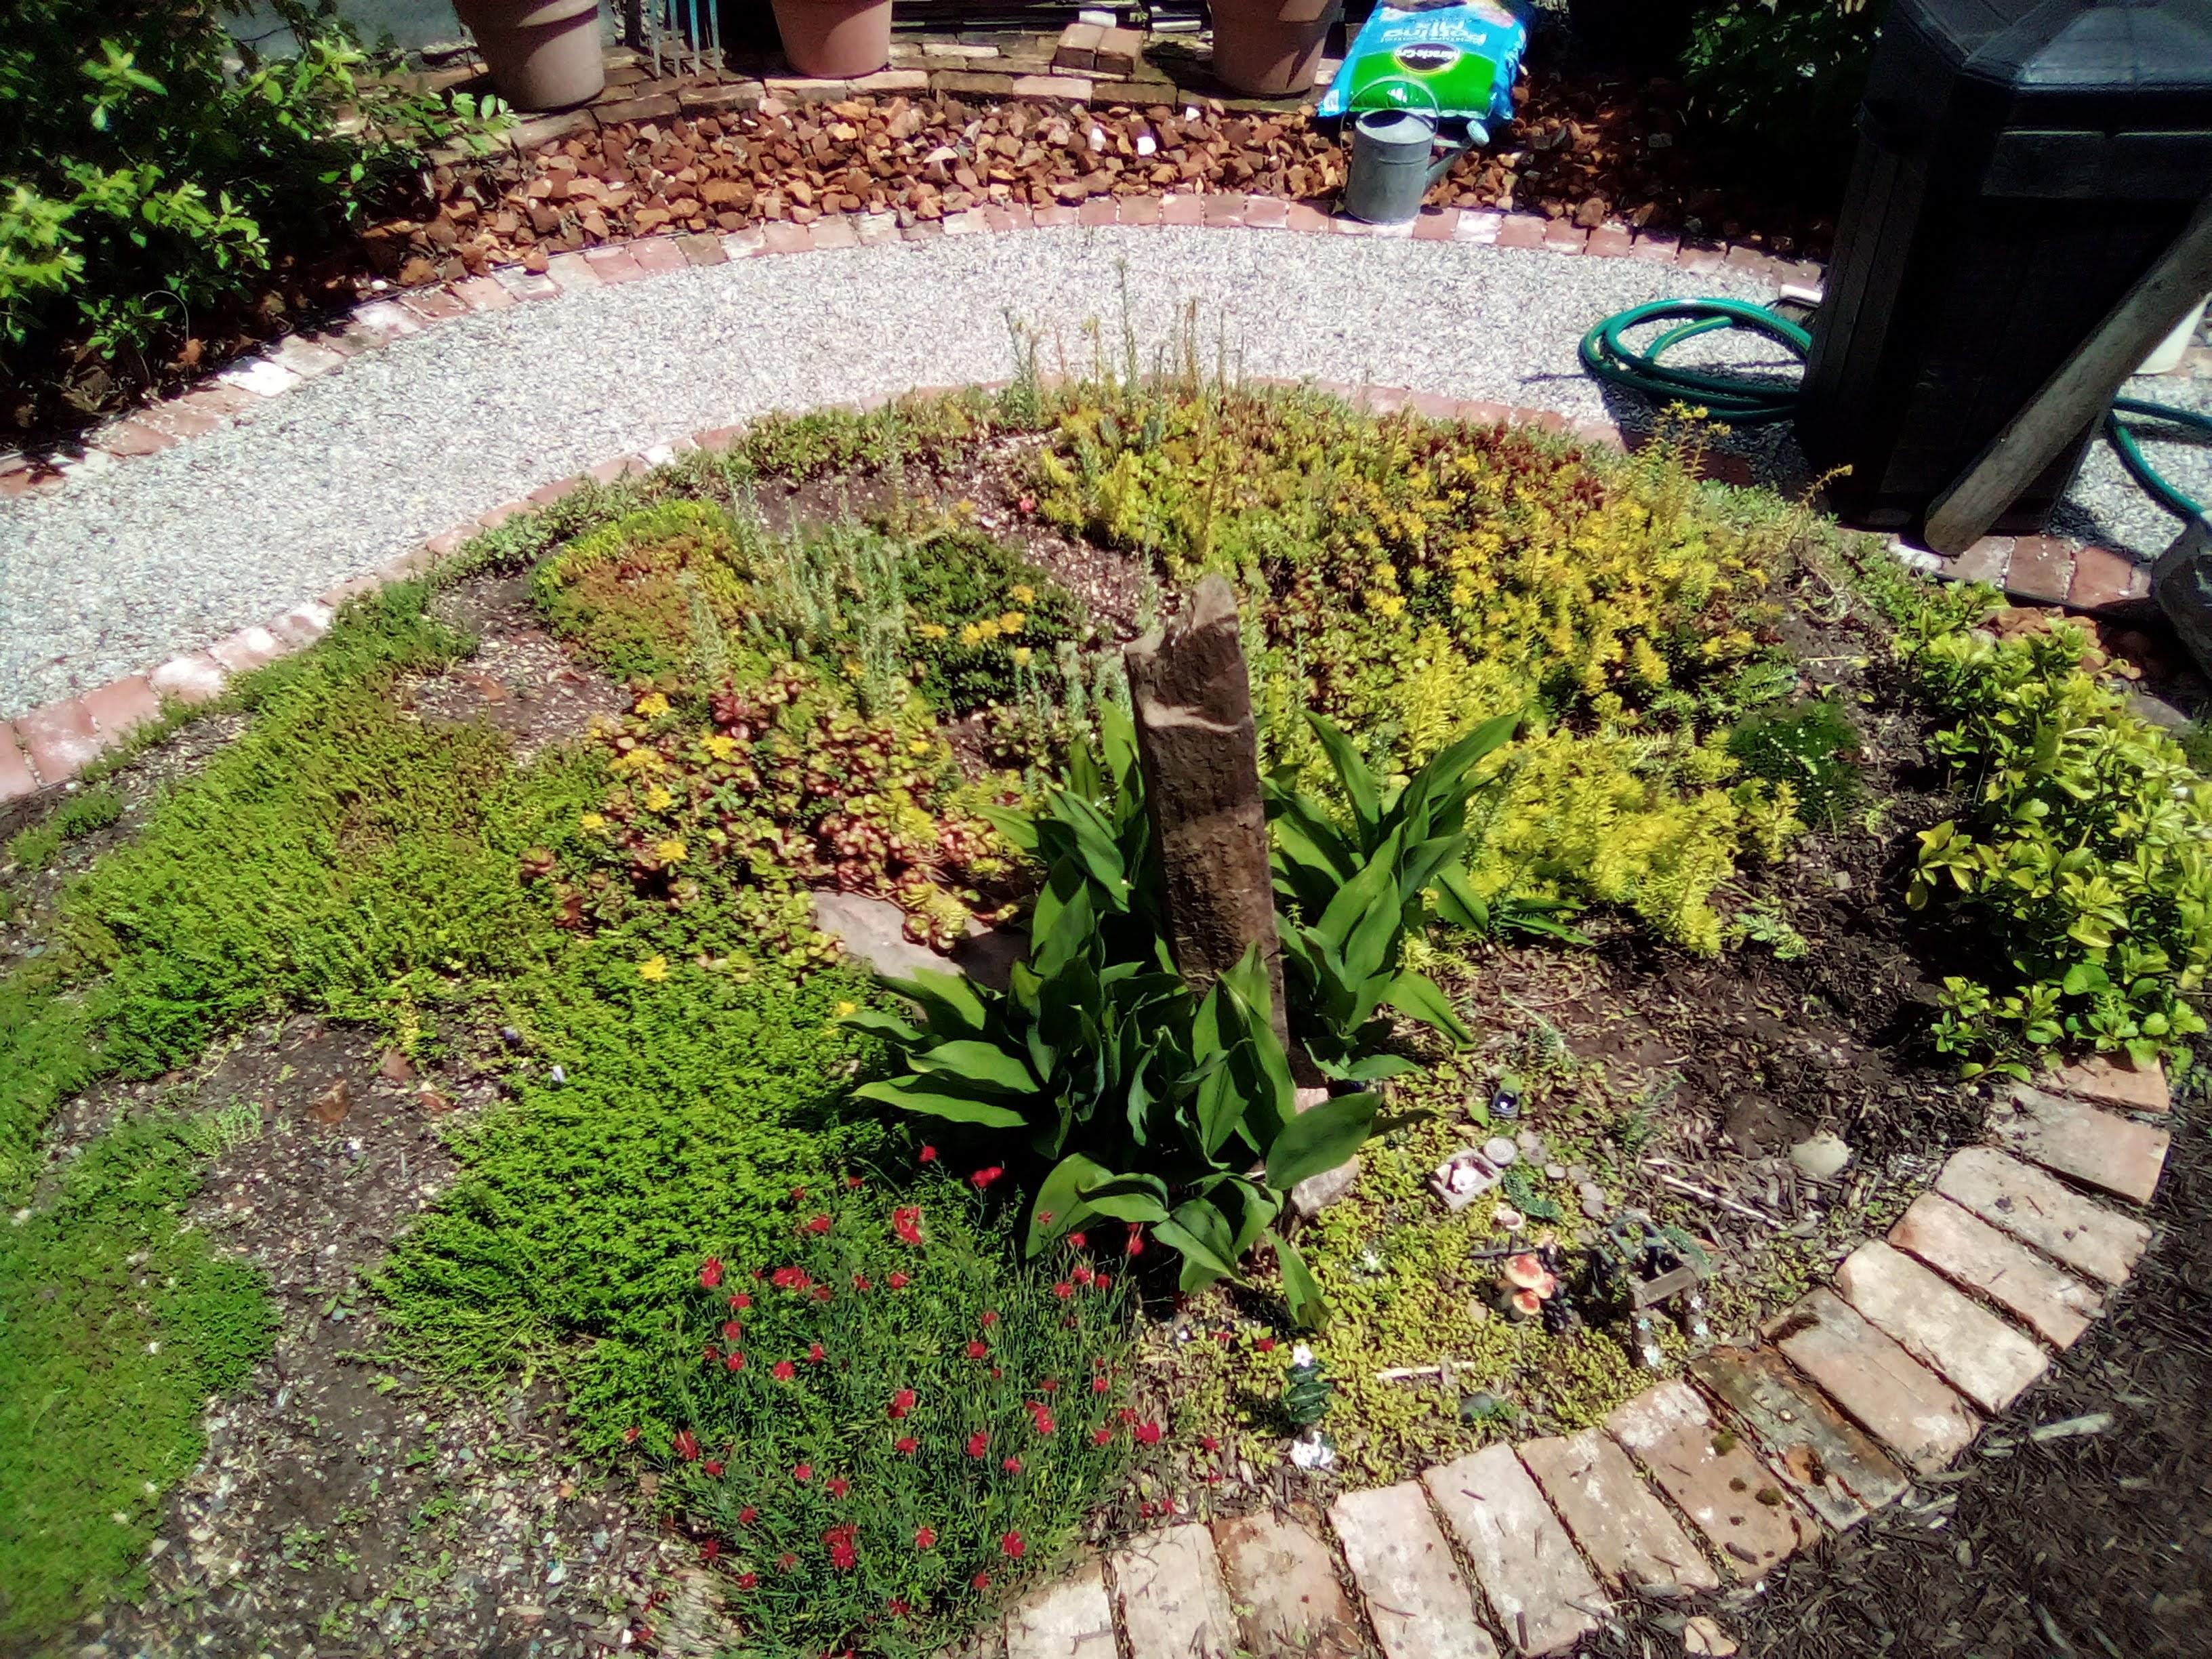 The Garden Barrows